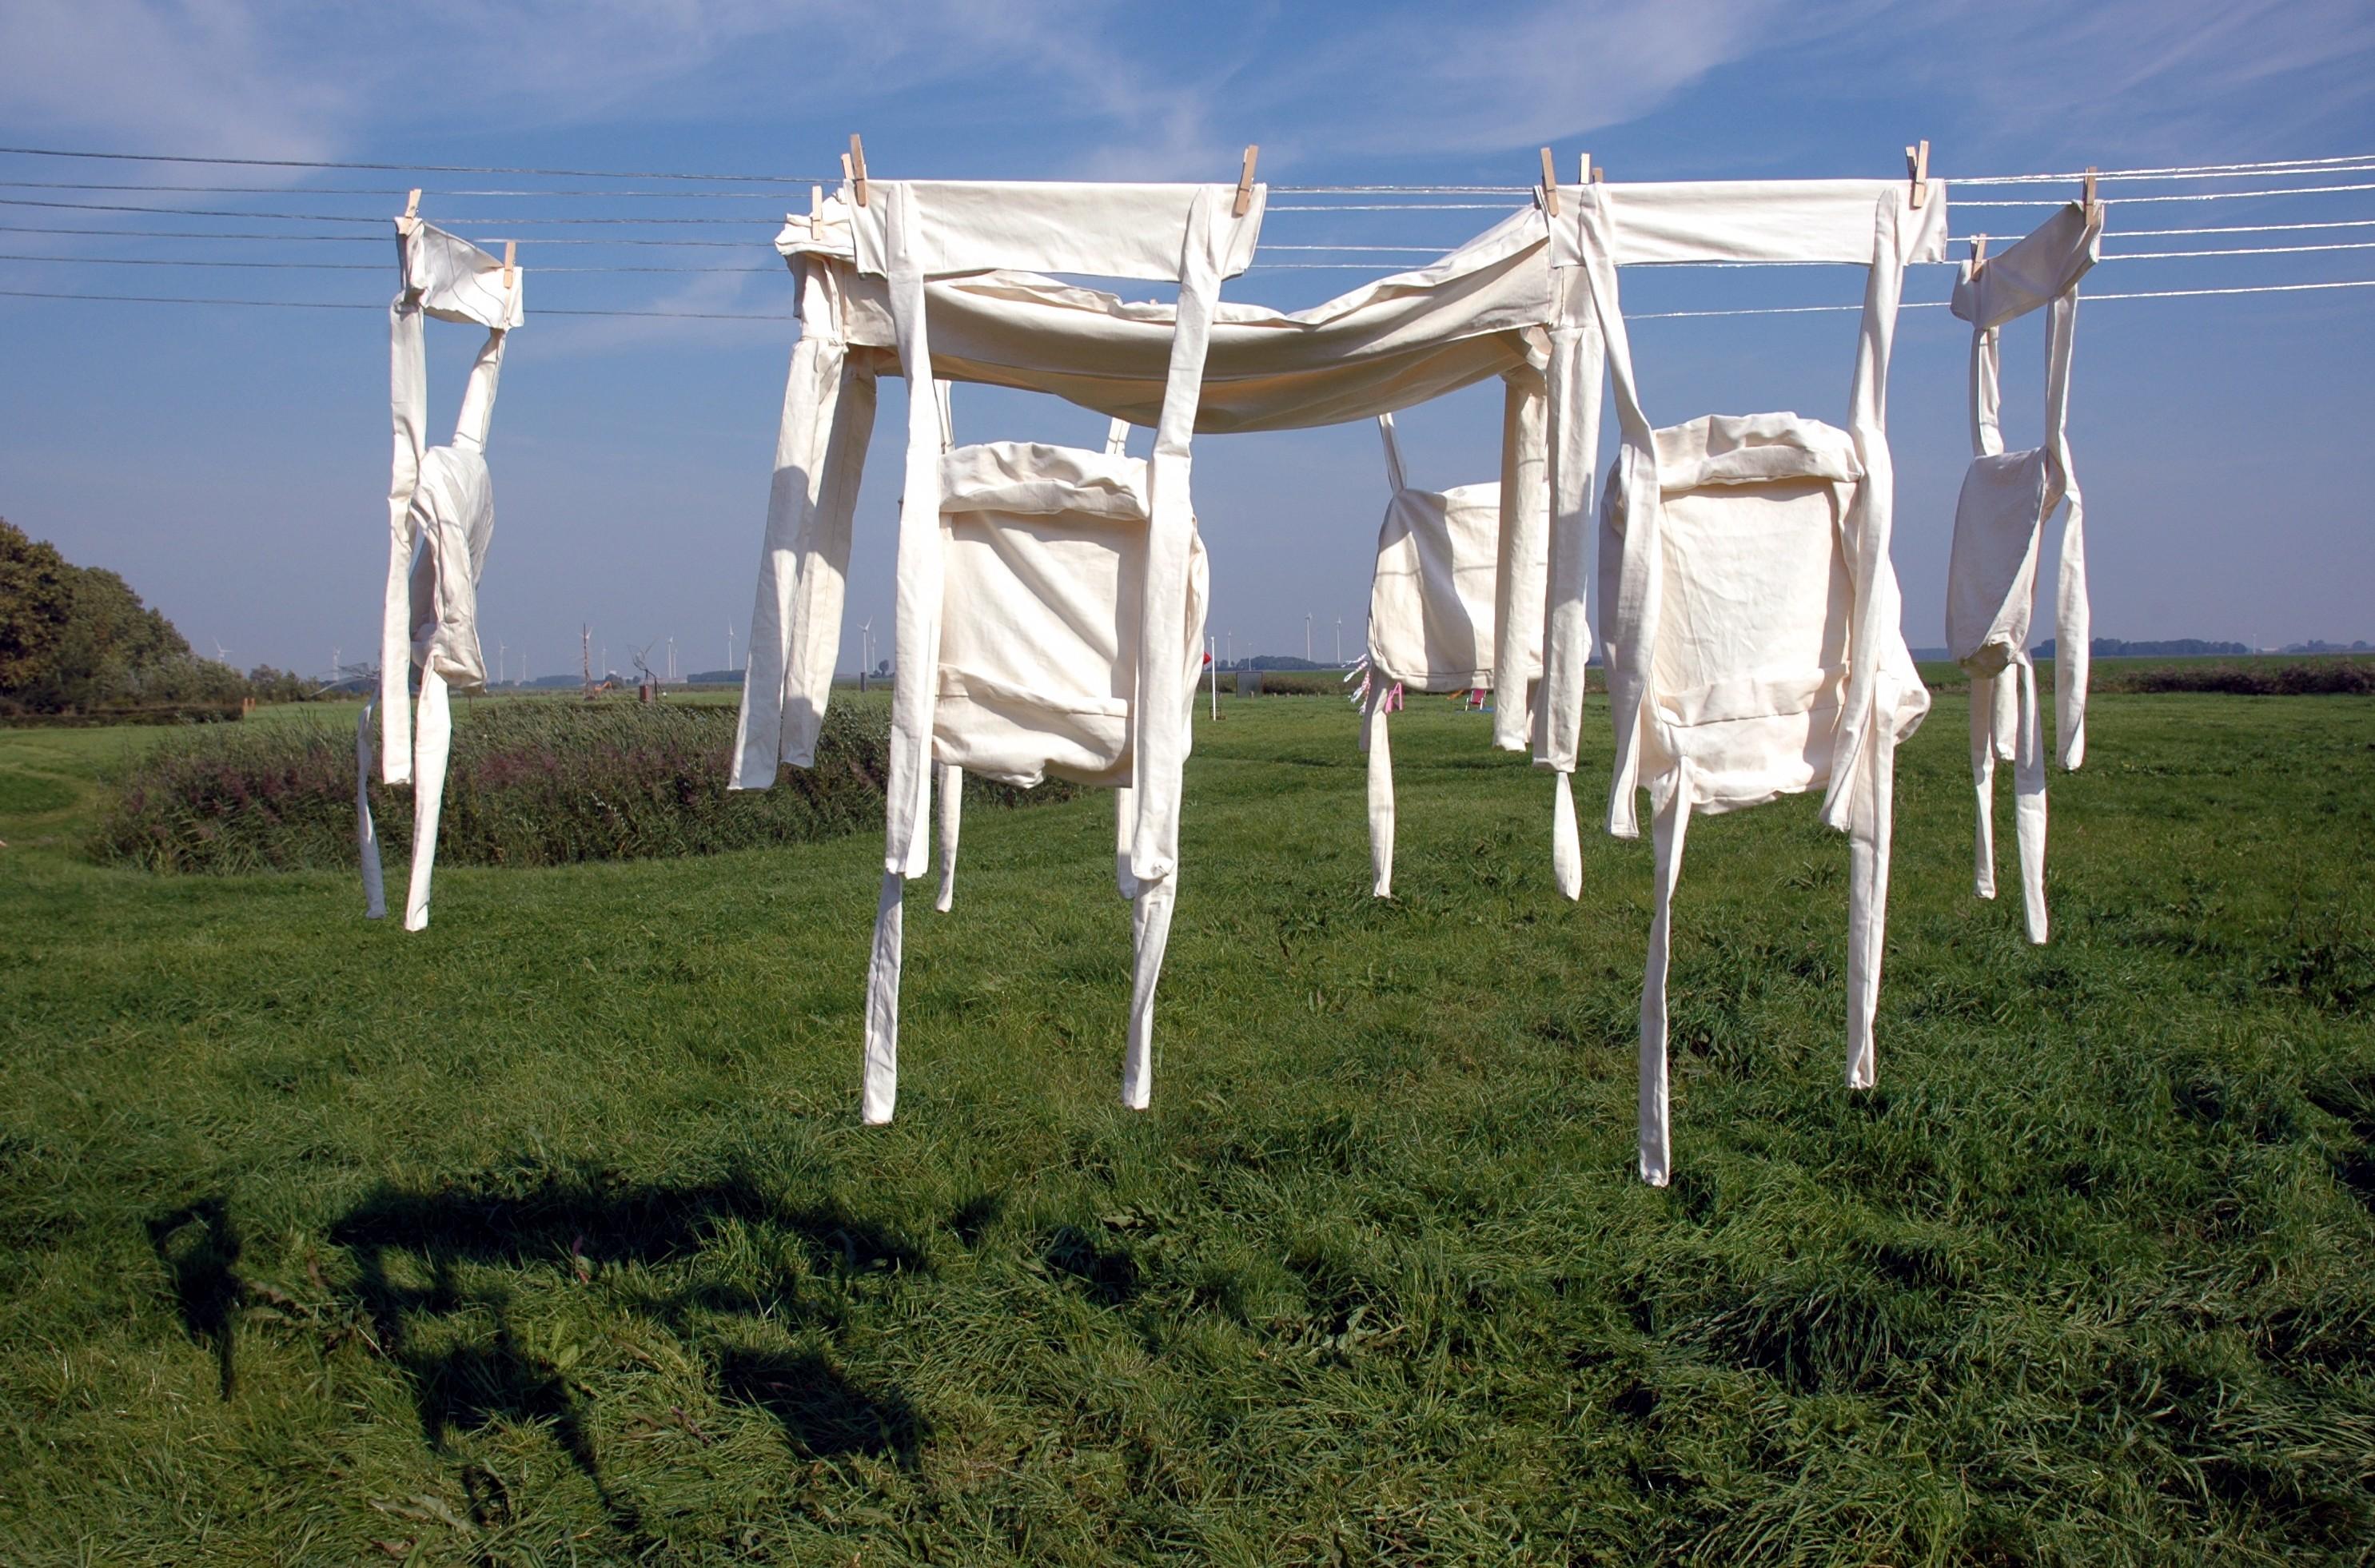 Nieuwolda 2005, 6 stoelen rond een tafel, katoen